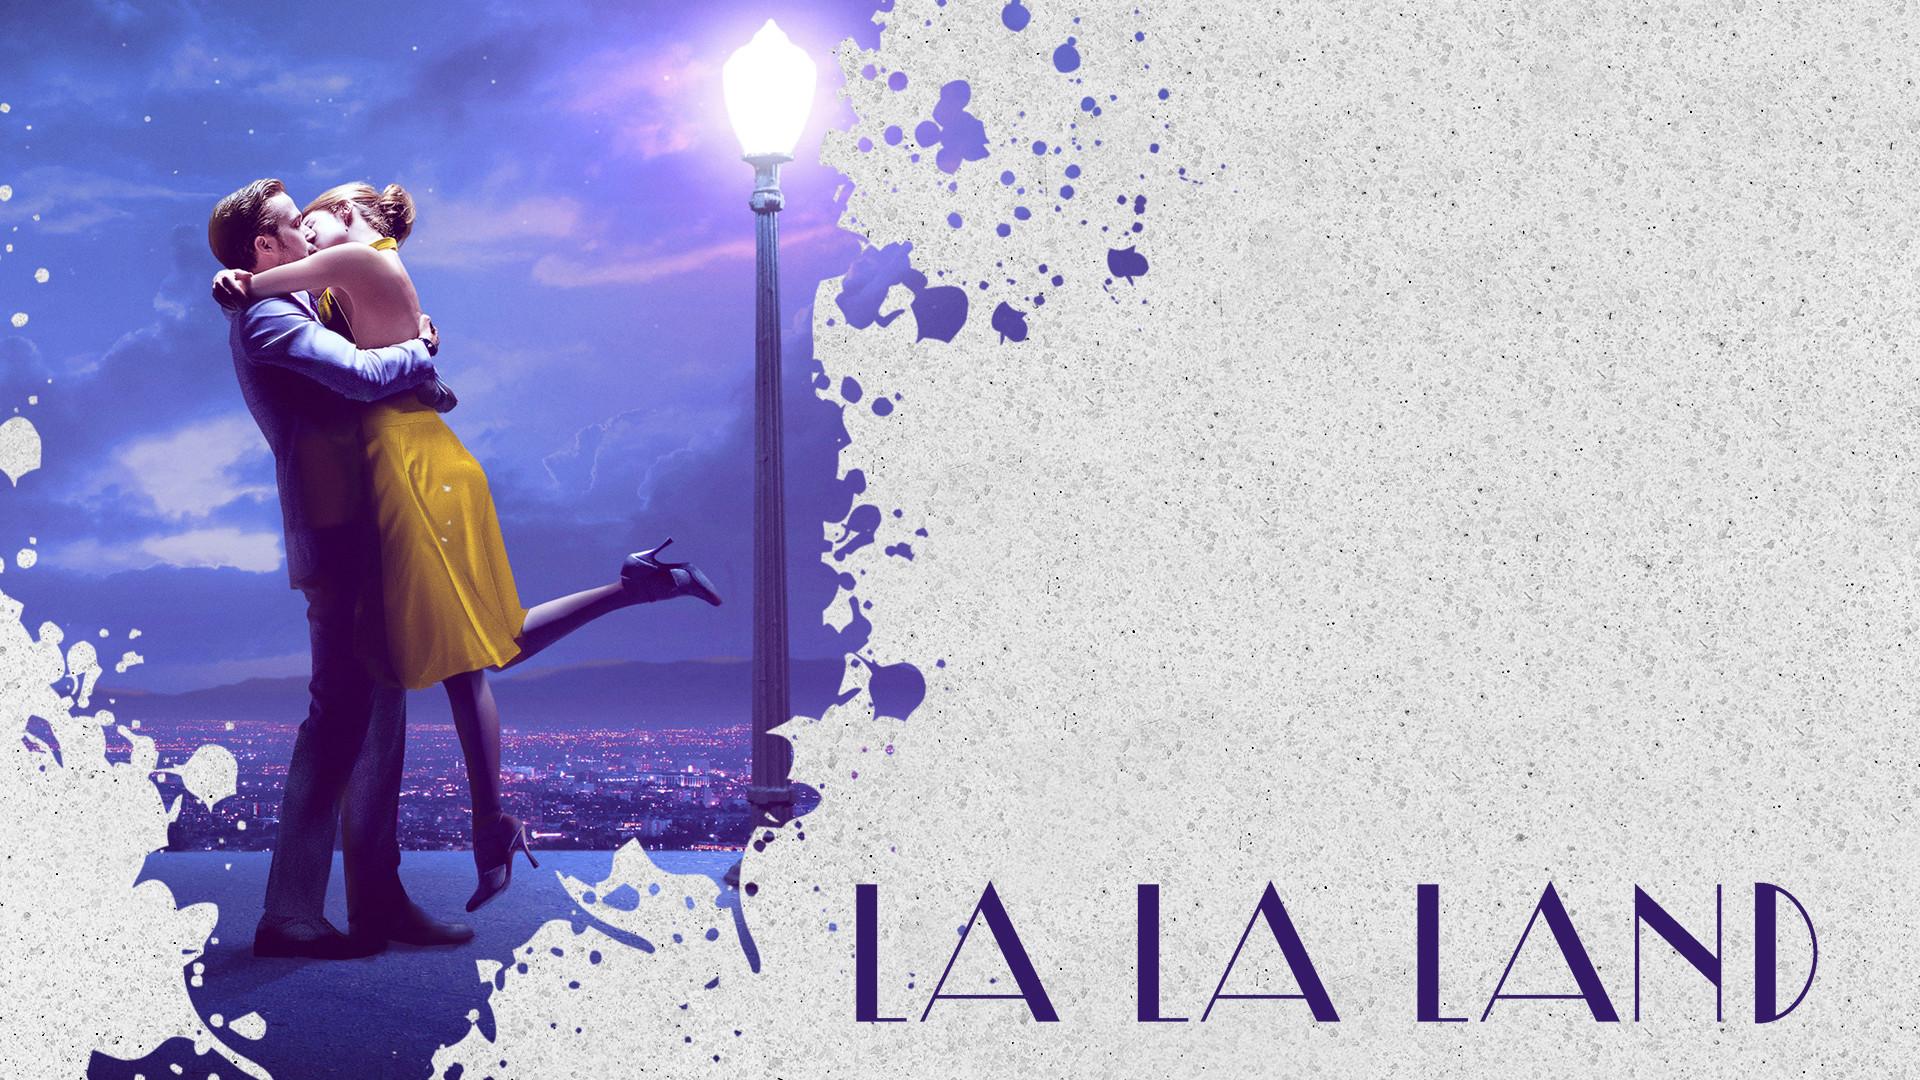 La la land wallpapers 80 pictures - La la land download ...